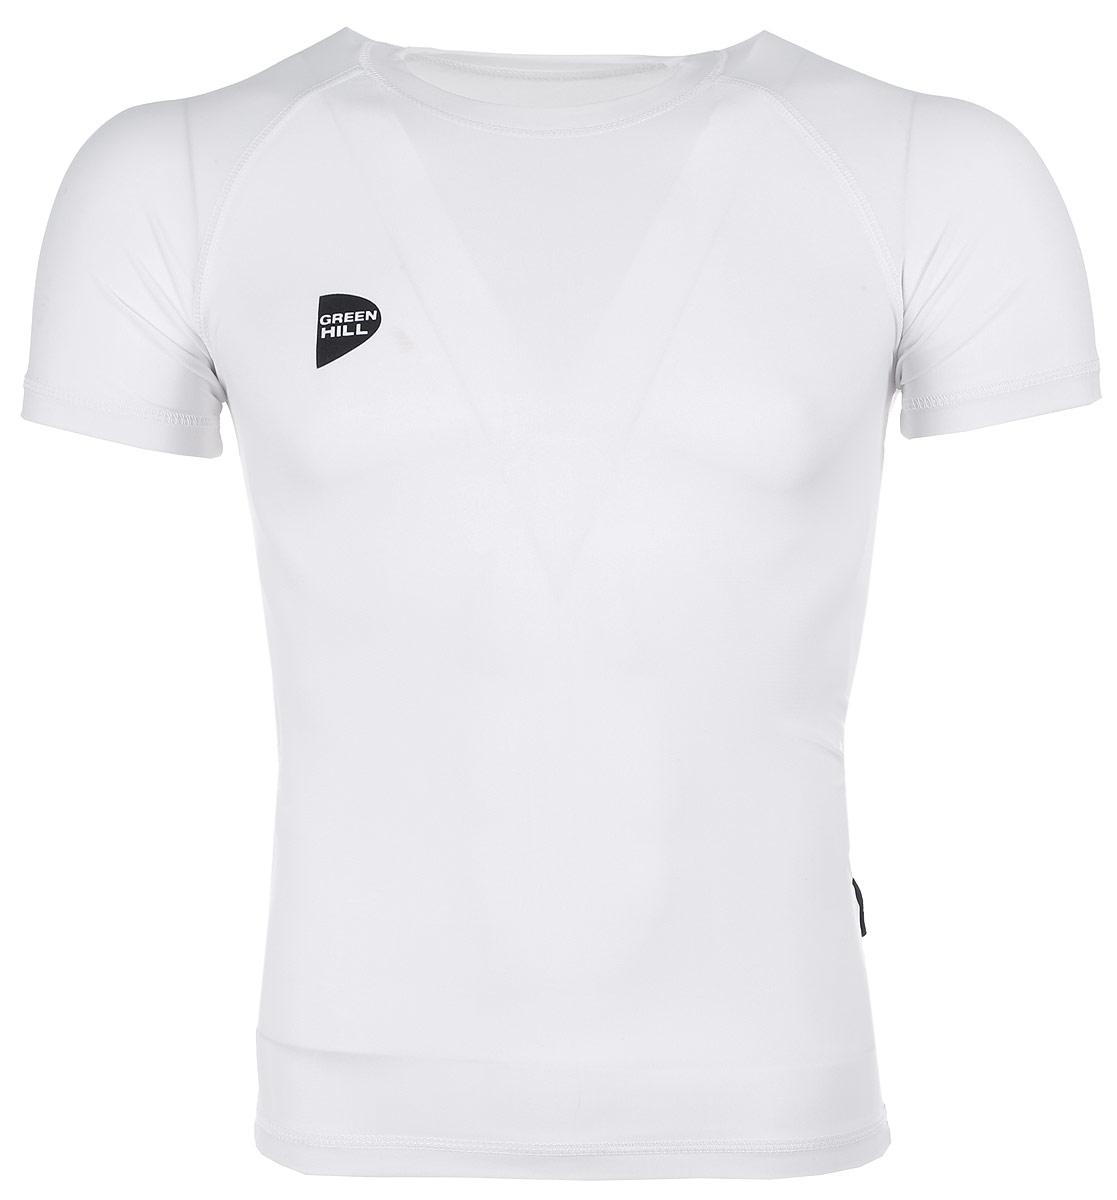 Защитная футболка Green Hill, цвет: белый. Размер XXS. RGS-3558